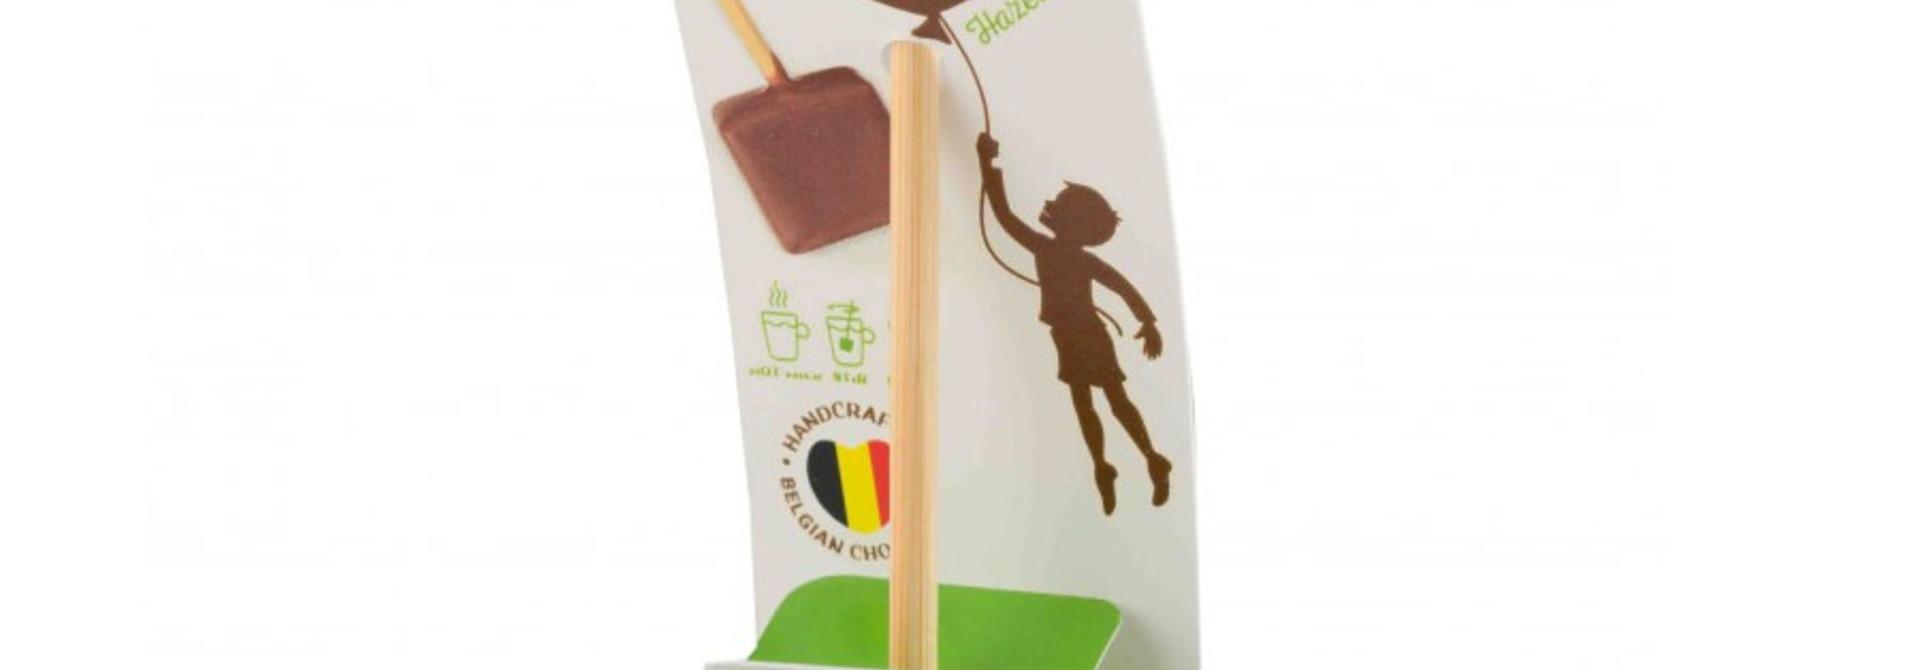 Choco stick hazelnut